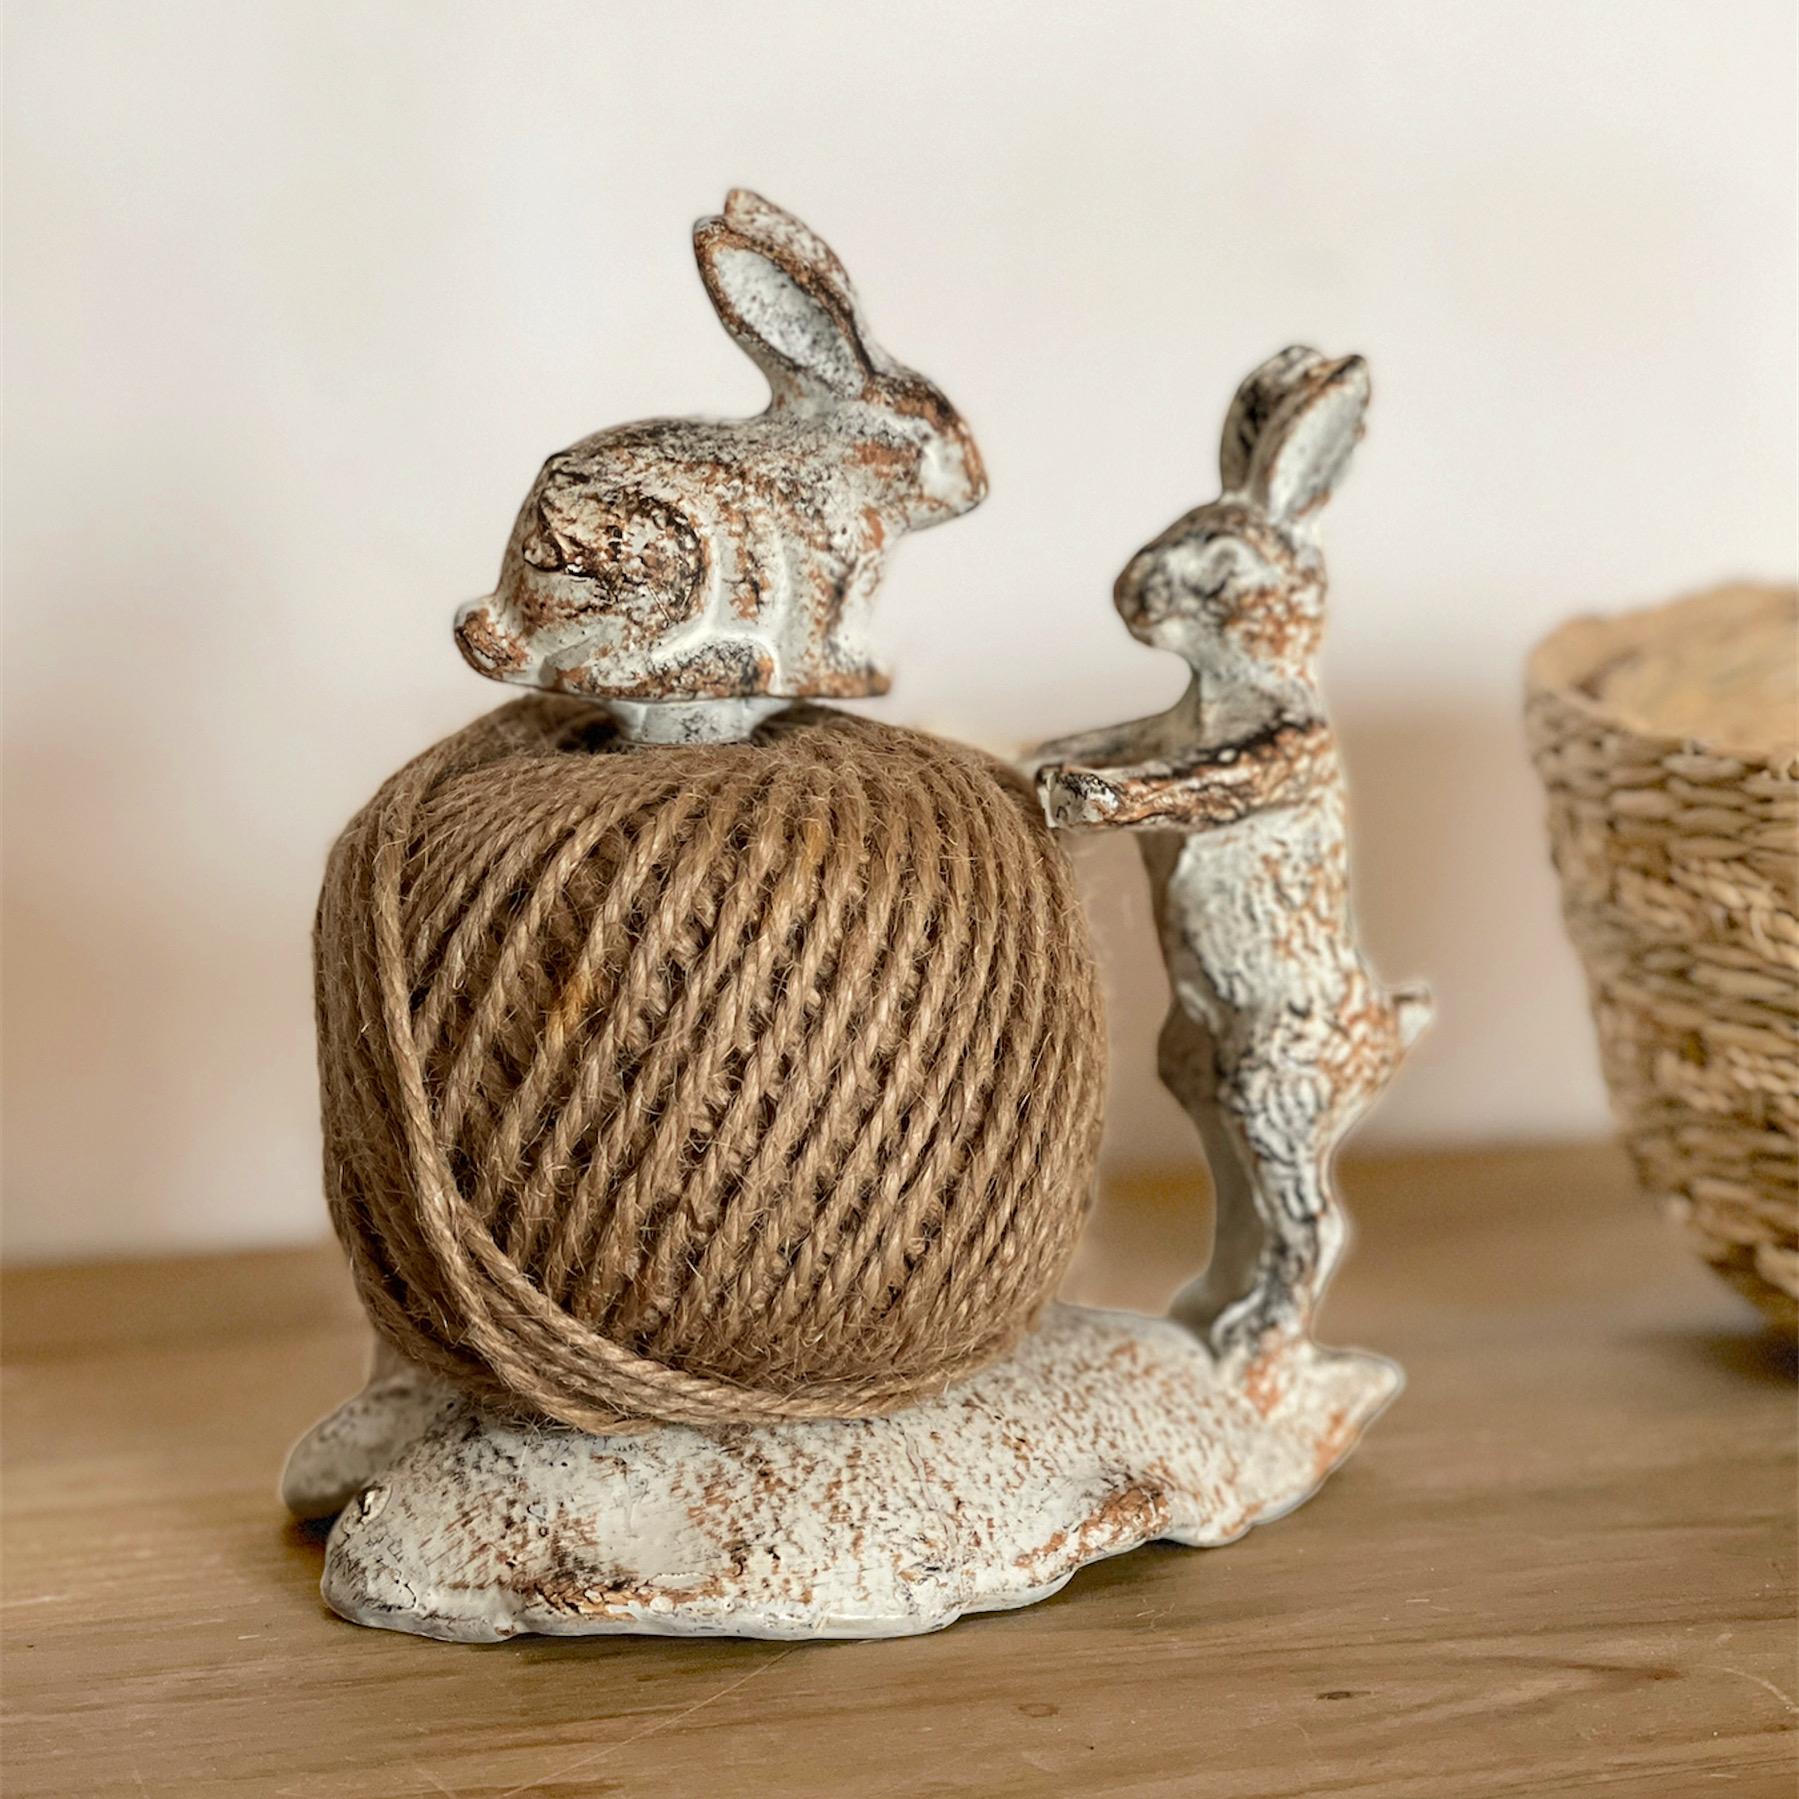 Ovillo yute conejos